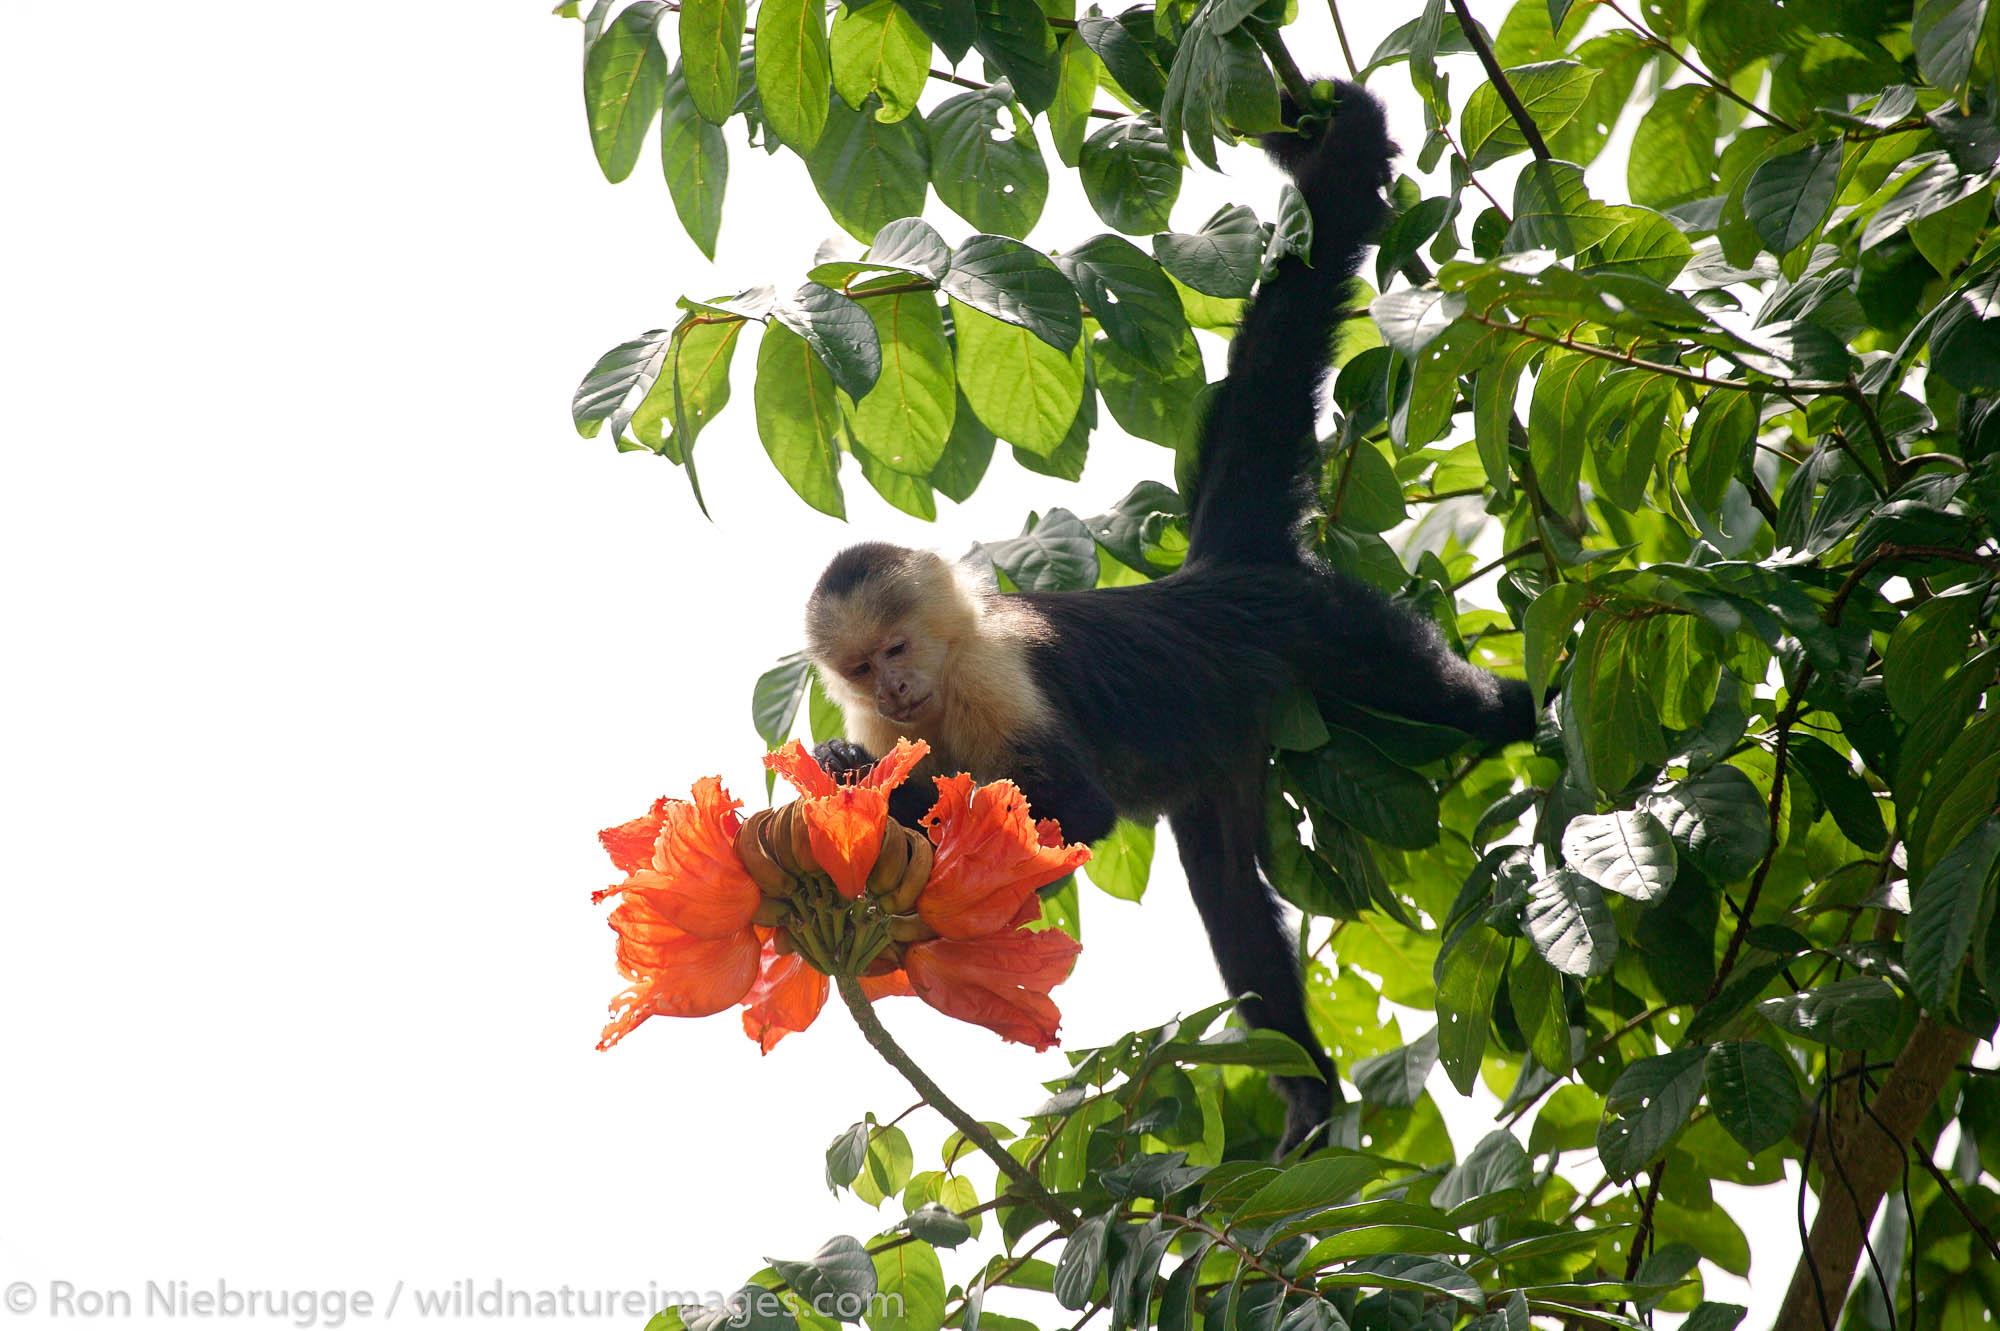 White-faced Capuchin Monkeys (Cebus capucinus), Manuel Antonio National Park, Manuel Antonio, Costa Rica.